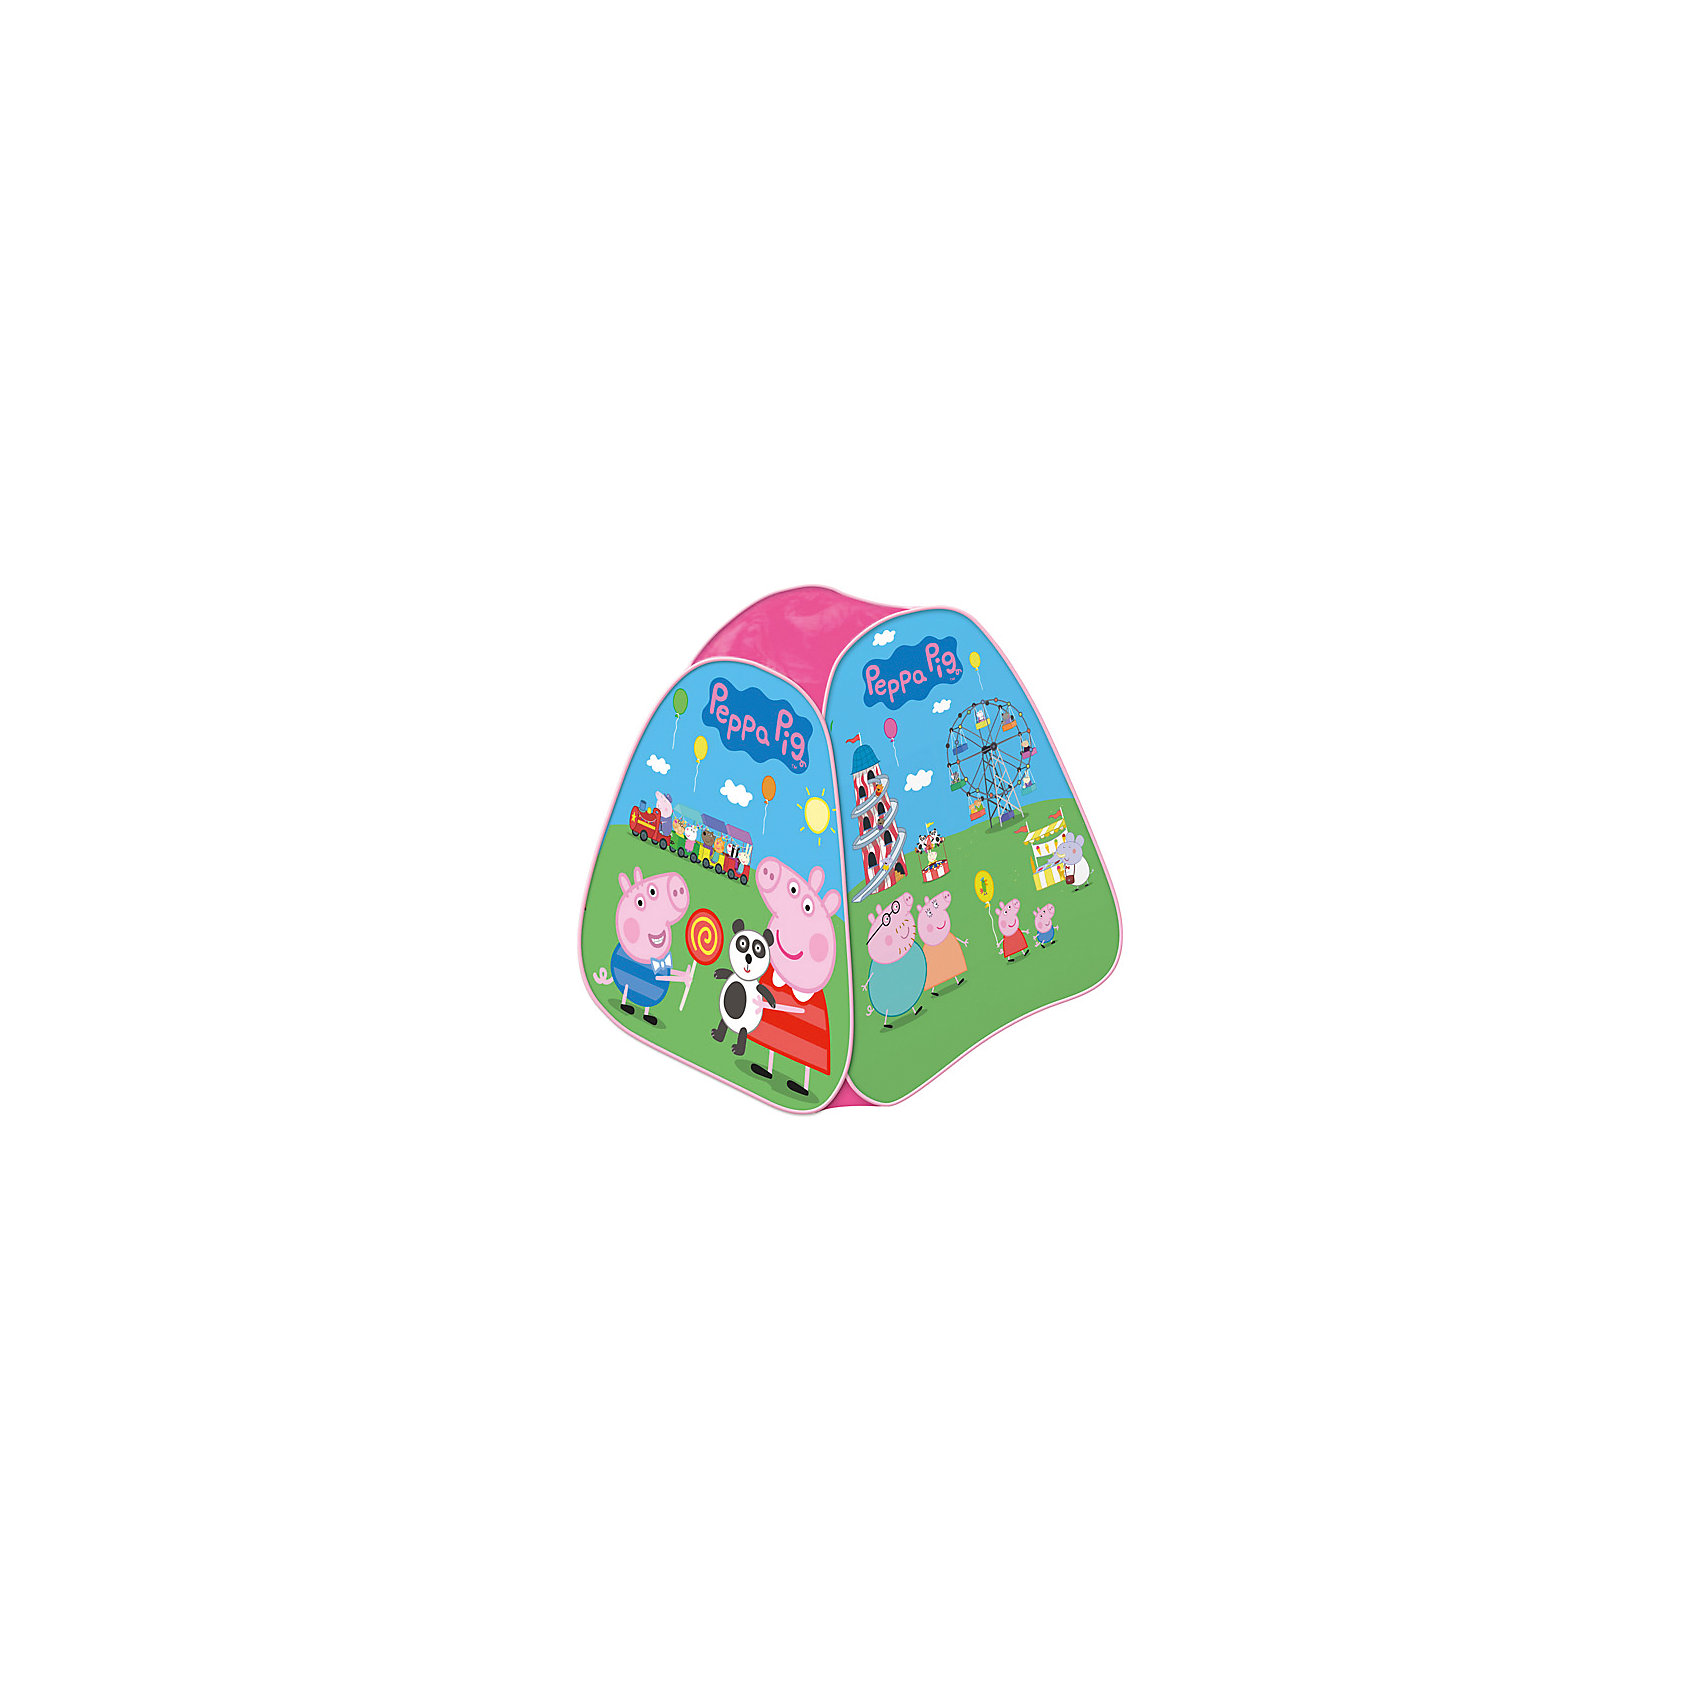 Игровая палатка  82*90*82 см, Свинка ПеппаСвинка Пеппа<br>Игровая палатка  82*90*82 см, Свинка Пеппа – этот замечательный домик поможет Вашему ребенку создать свой уютный уголок для игр.<br>Яркая игровая палатка с изображением Свинки Пеппы и ее семьи, которые веселятся в луна-парке, приведет в восторг любого малыша. Она подходит для игры в помещении или на улице в летнее время года. Входной полог палатки закрывается на липучки. Игровая палатка имеет прочный самораскладывающийся пластиковый каркас, который легко складывается и раскладывается. В сложенном виде она очень компактна. Для удобной транспортировки палатка упаковывается в чехол.<br><br>Дополнительная информация:<br><br>- Размер: 82х90х82 см.<br>- Материал: полиэстер, пластик<br>- Товар сертифицирован<br>- Упаковка: чехол с цветным вкладышем<br>- Размер упаковки: 39х39х4 см.<br>- Вес: 571 гр.<br><br>Игровую палатку 82*90*82 см, Свинка Пеппа можно купить в нашем интернет-магазине.<br><br>Ширина мм: 390<br>Глубина мм: 390<br>Высота мм: 40<br>Вес г: 571<br>Возраст от месяцев: 36<br>Возраст до месяцев: 72<br>Пол: Унисекс<br>Возраст: Детский<br>SKU: 4564015